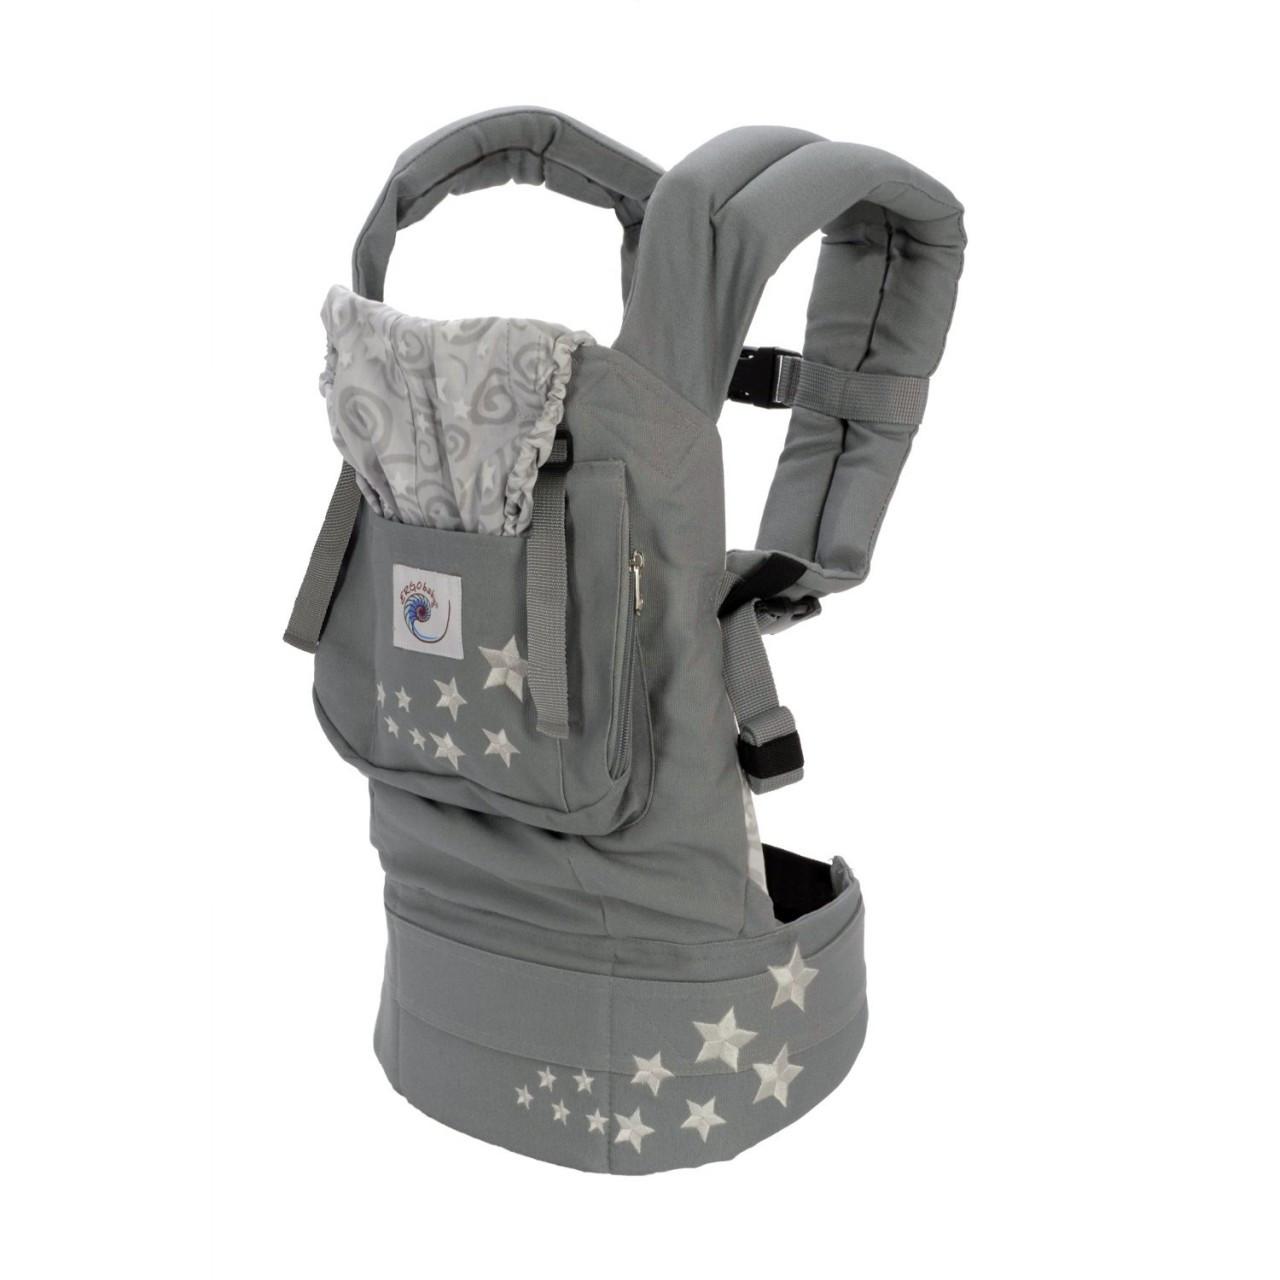 Ergo Baby Carrier Galaxy Grey Galaxy